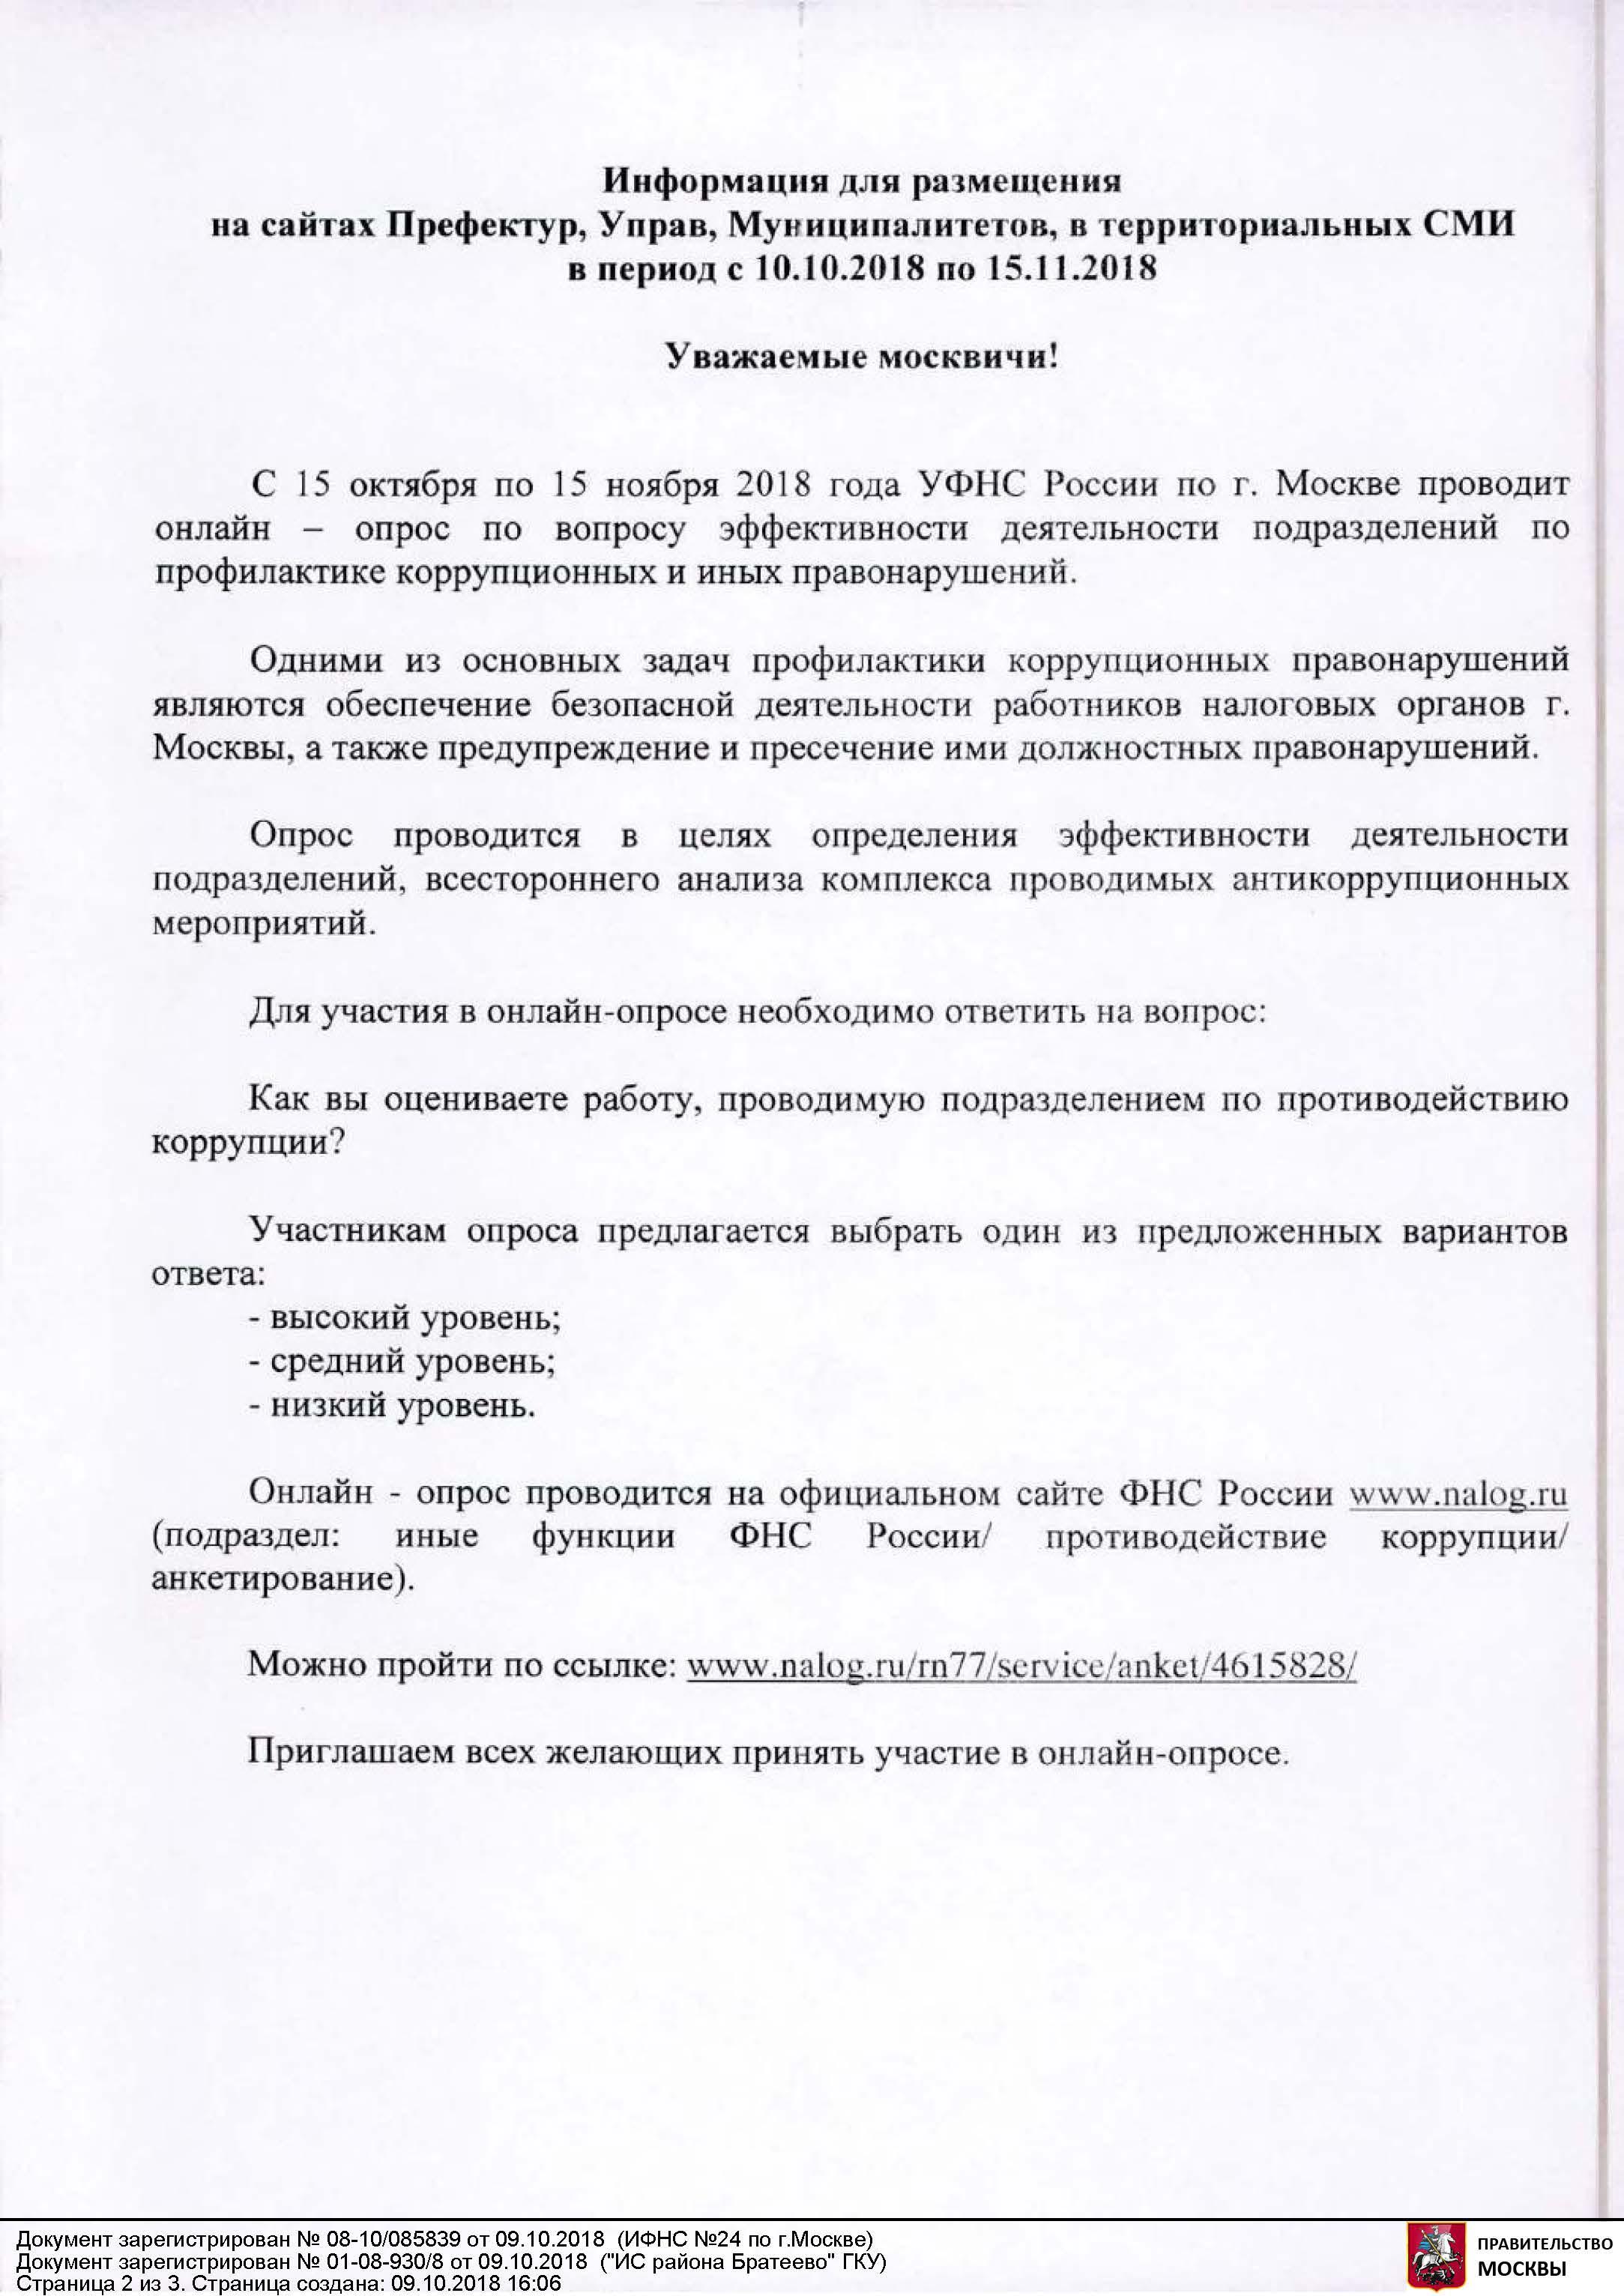 09.10.2018_01-08-930_8_Сенченкова_И.Н._Воробьев_А.А. (1)_Page_2